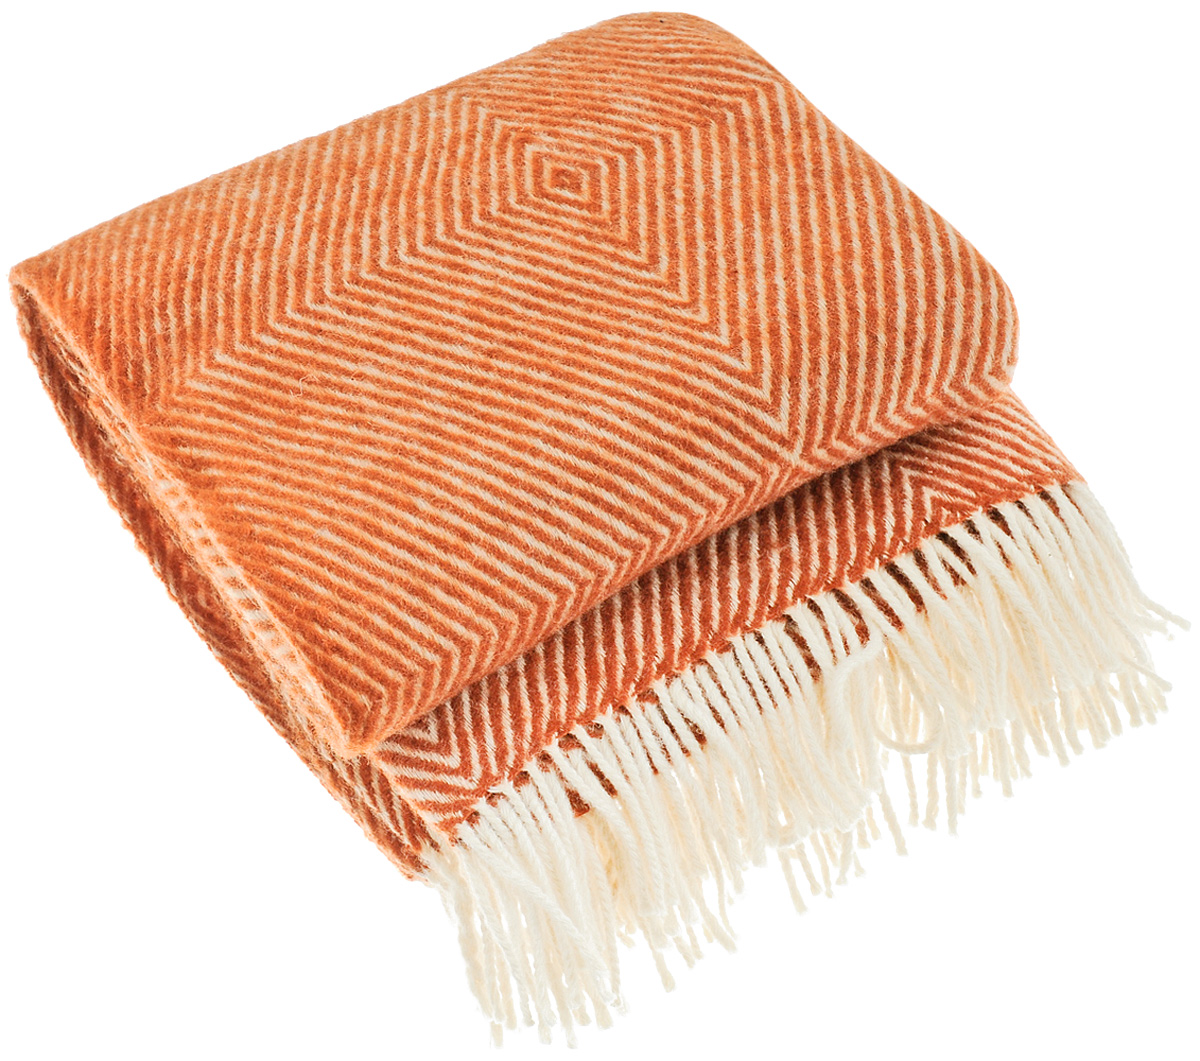 Плед Руно Bergamo, цвет: коричневый, 140 х 200 см 1-711-140_06391602Теплый и уютный плед с кисточками Руно Bergamo выполнен из натуральной овечьей шерсти с добавлением искусственного волокна и оформлен принтом в полоску. Плед изготовлен с молезащитной обработкой.Под шерстяным пледом вам никогда не станет жарко или холодно, он помогает поддерживать постоянную температуру тела. Шерсть обладает прекрасной воздухопроницаемостью, она поглощает и нейтрализует вредные вещества и славится своими целебными свойствами. Плед из шерсти станет лучшим лекарством для людей, страдающих ревматизмом, радикулитом, головными и мышечными болями, сердечно-сосудистыми заболеваниями и нарушениями кровообращения. Шерсть не электризуется. Она прочна, износостойка, долговечна. Наконец, шерсть просто приятна на ощупь, ее мягкость и фактура вызывают потрясающие тактильные ощущения! Такой плед идеально подойдет для дачного отдыха: он очень пригодится, как только захочется укутаться, дыша вечерним воздухом, выручит, если приехали гости, и всегда под рукой, когда придет в голову просто полежать на траве! А в квартире такое плед согреет в холодное время года и порадует нежными оттенками и интересным дизайном.